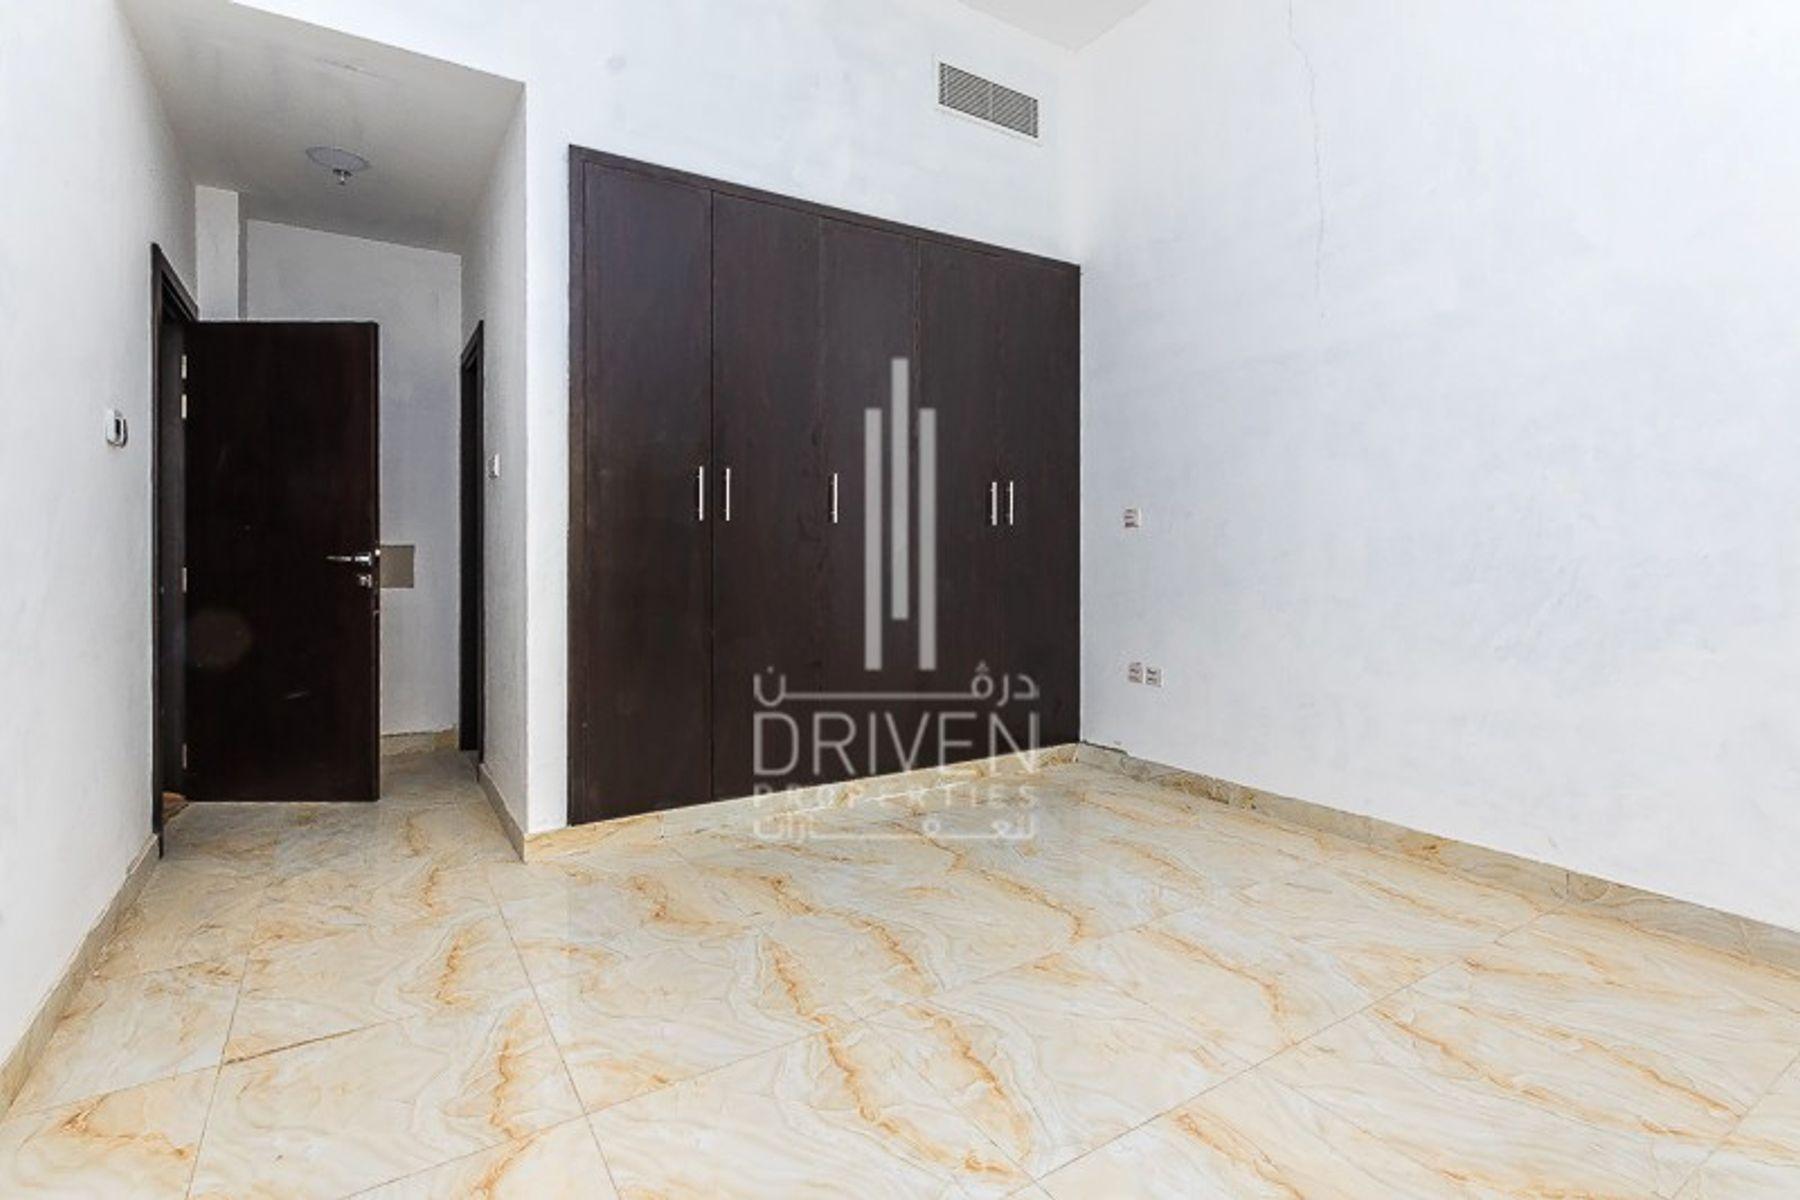 للبيع - مبنى سكني - مساكن العوازي - مجمع دبي ريزيدنس